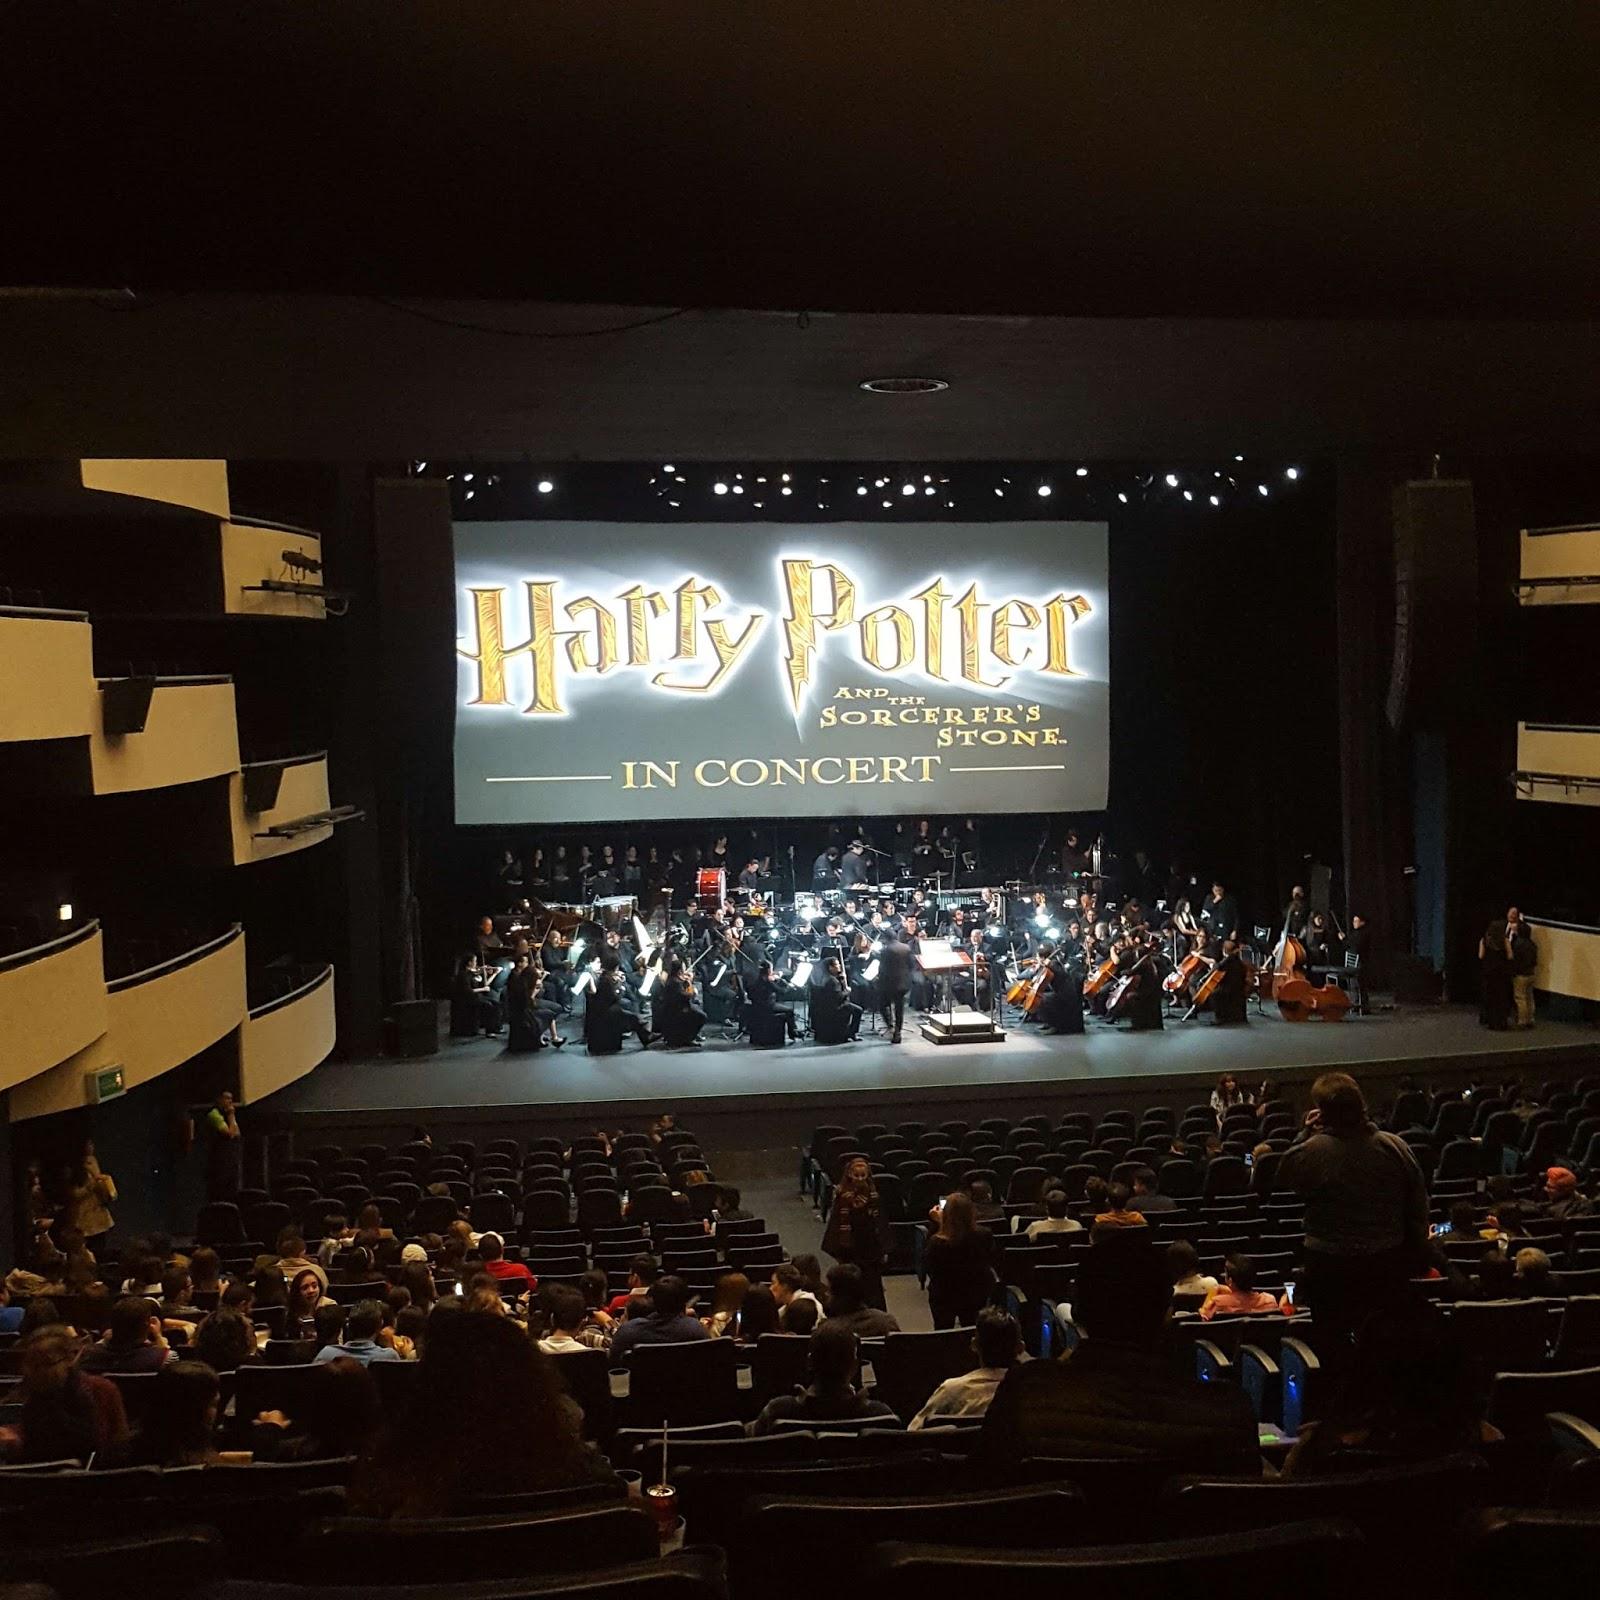 Experiencia en el concierto Harry Potter y La Piedra Filosofal